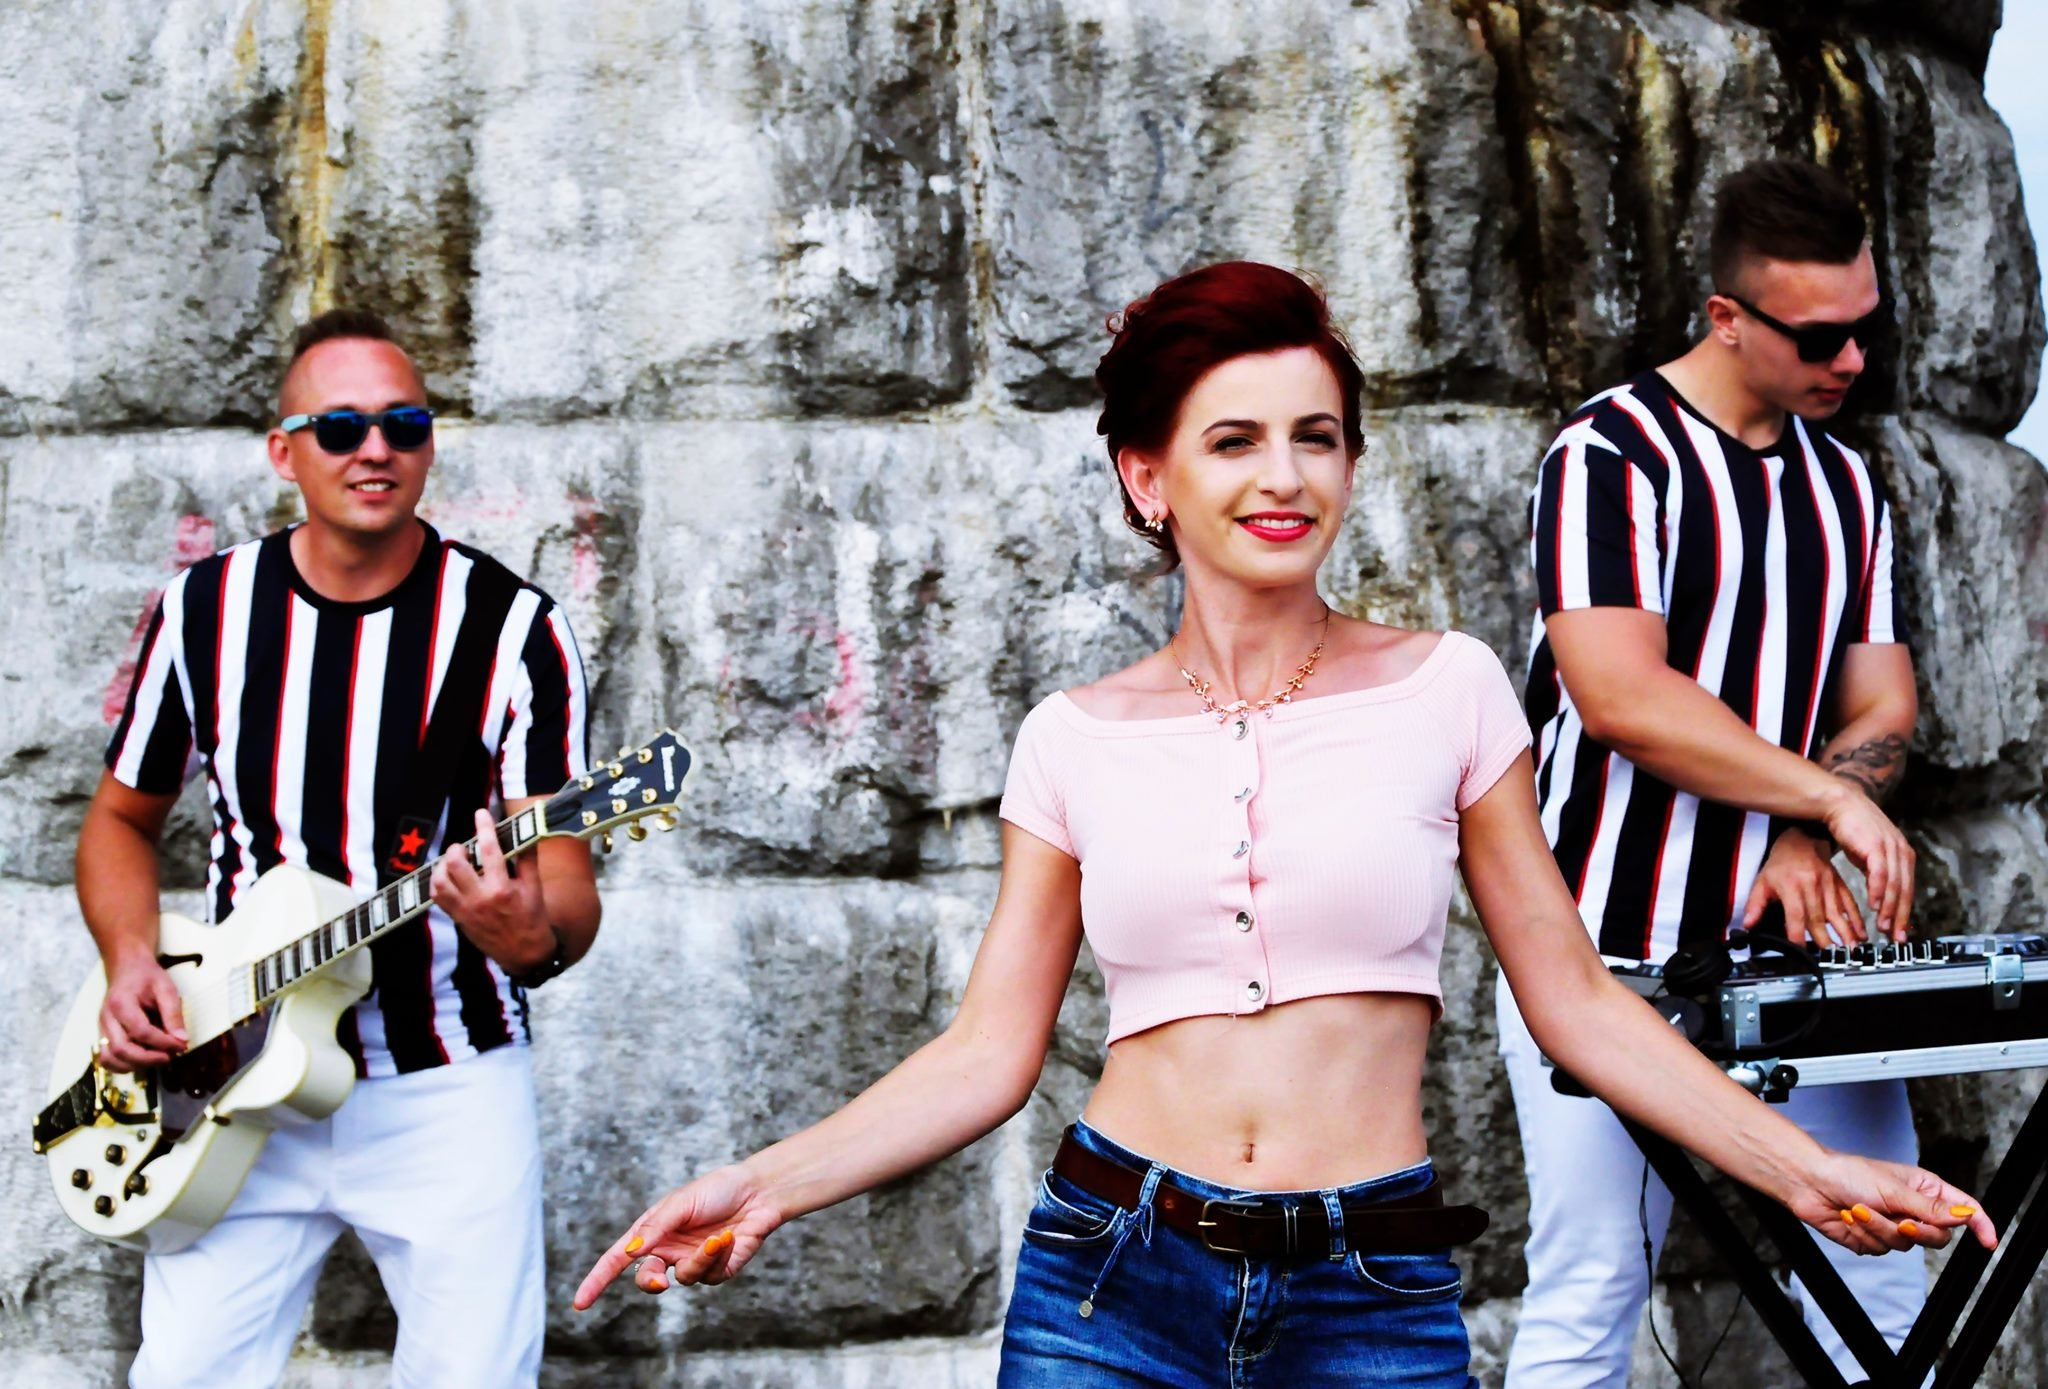 Dobre wiadomości dla fanów disco polo! Grupa Red Queen zrealizowała nowy teledysk!